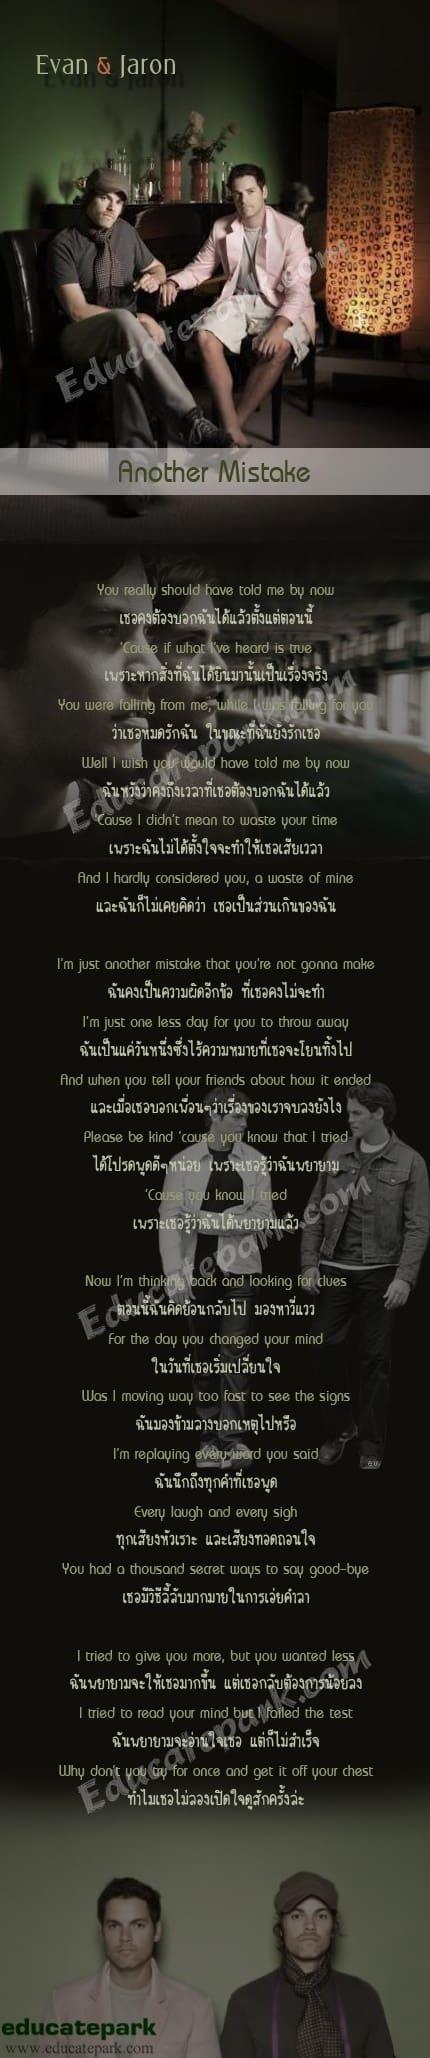 แปลเพลง Another Mistake - Even & Jaron